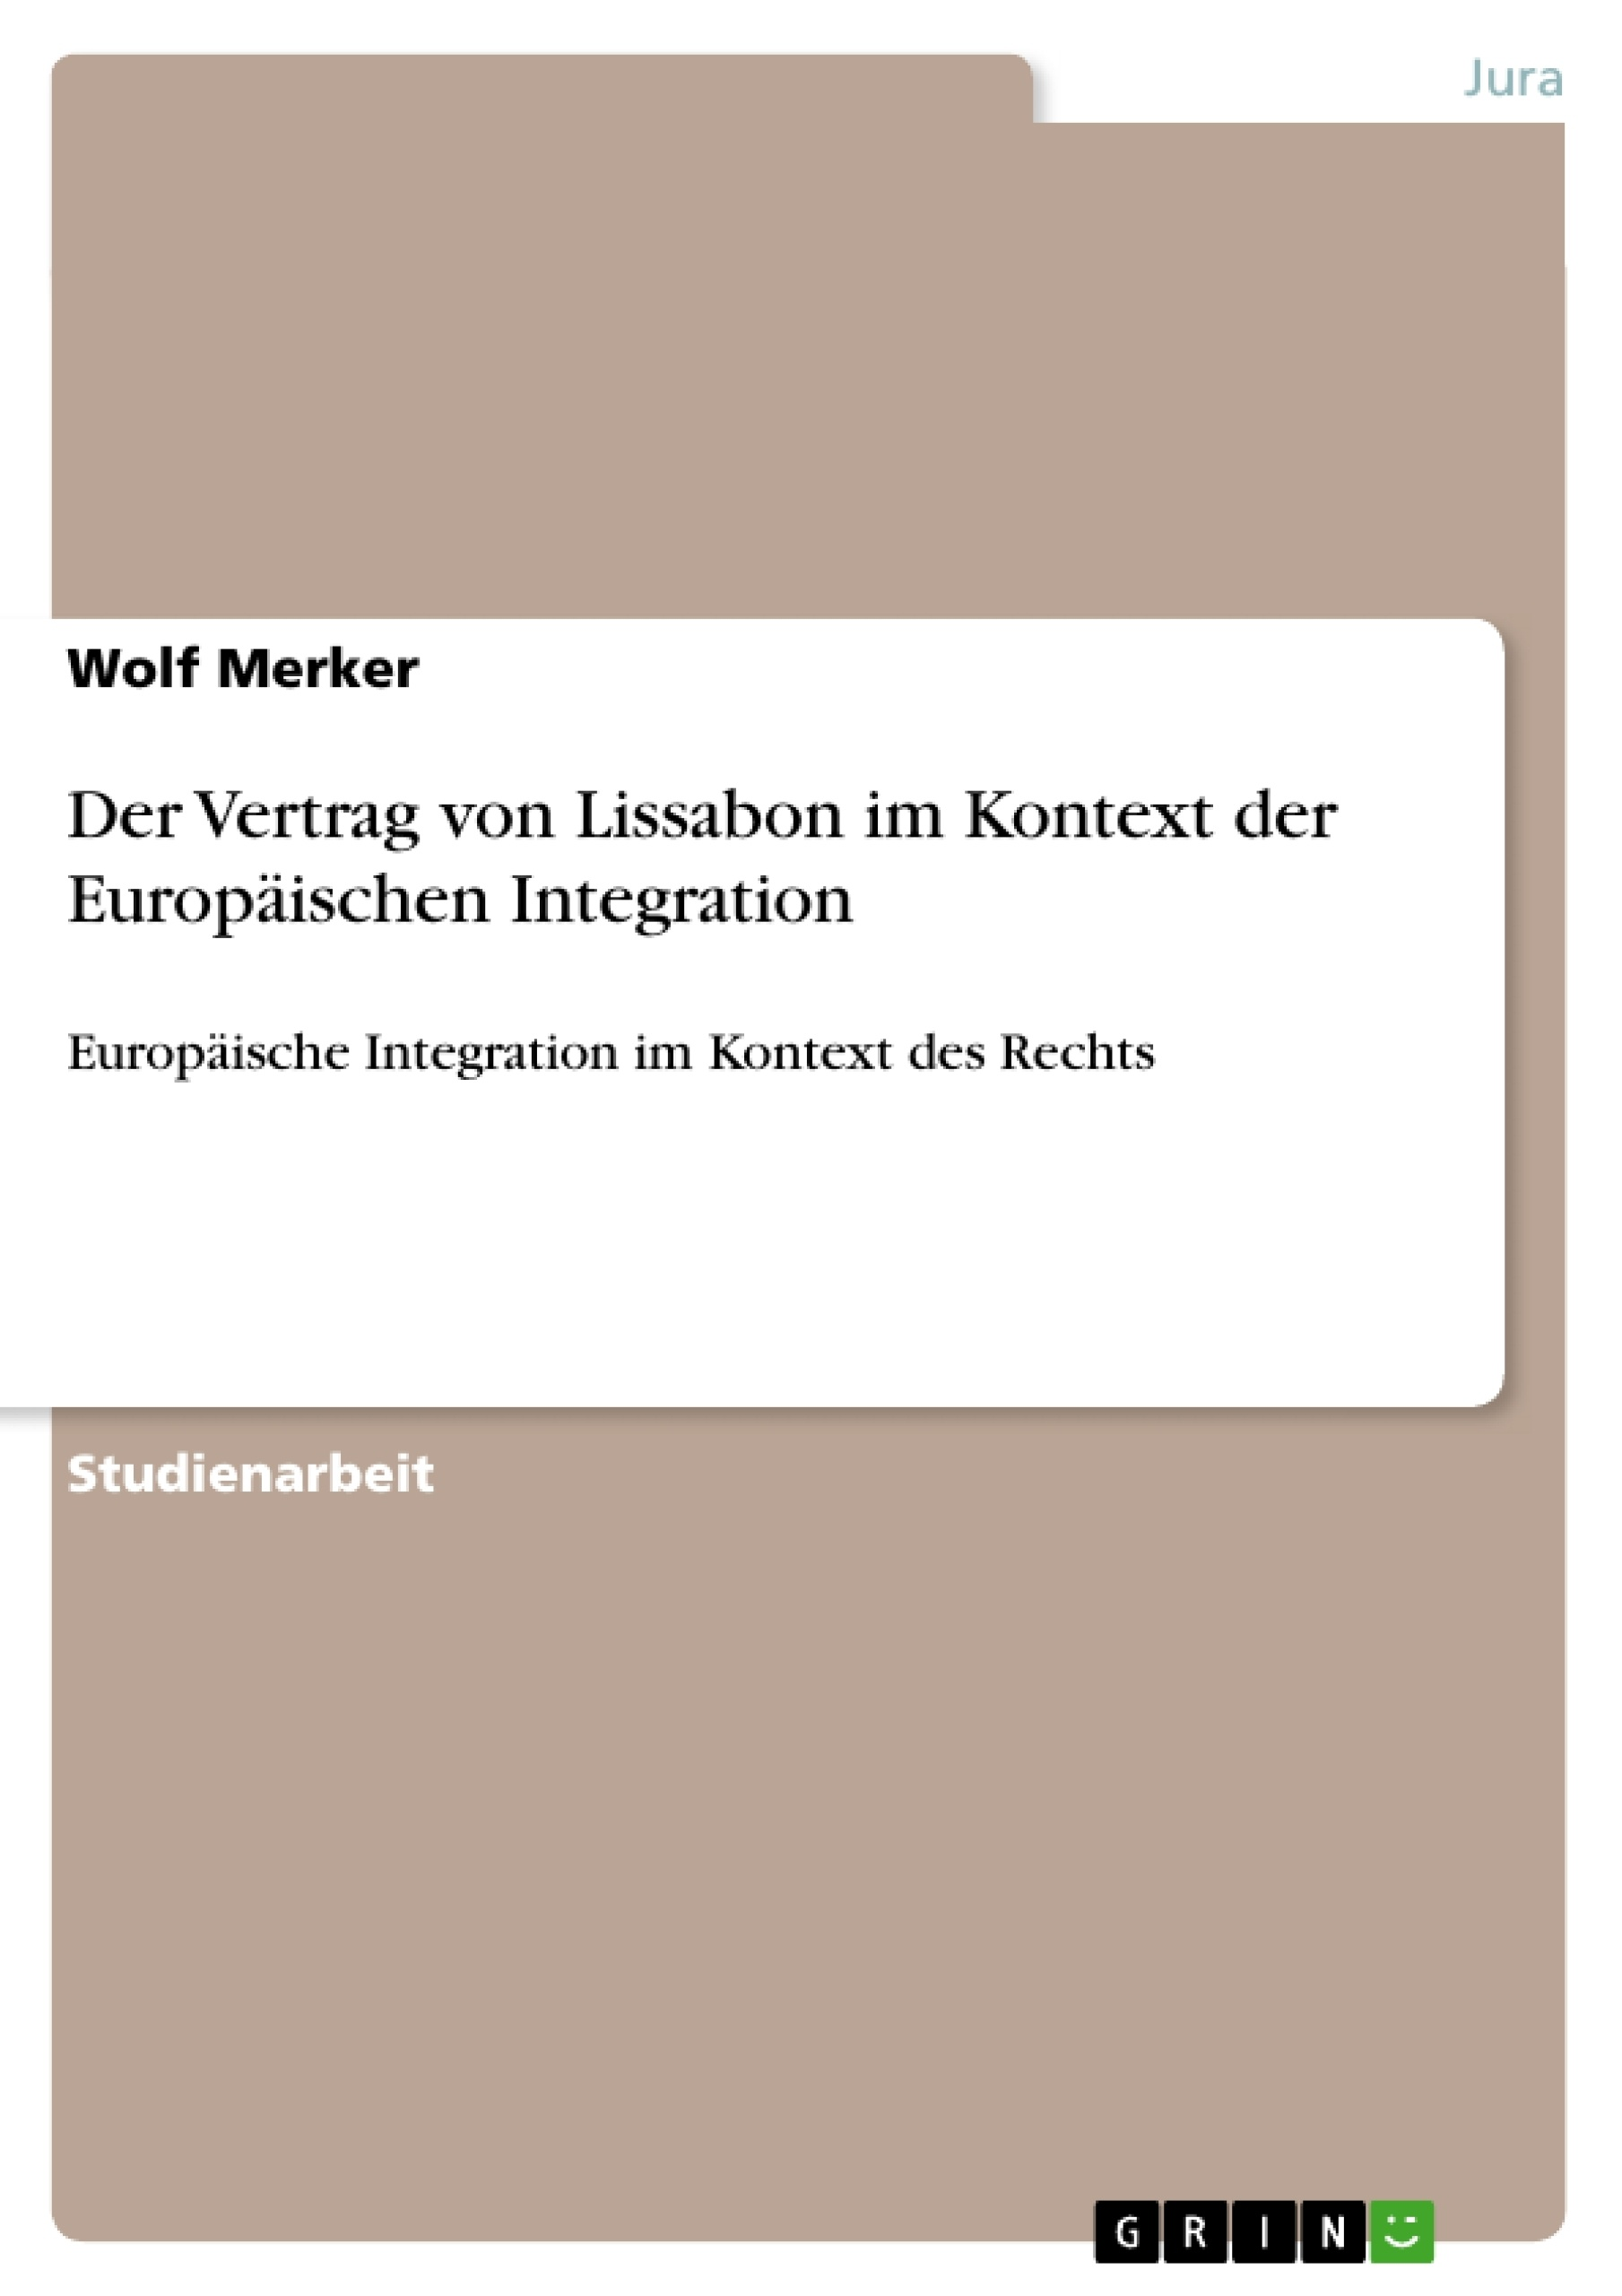 Titel: Der Vertrag von Lissabon im Kontext der Europäischen Integration